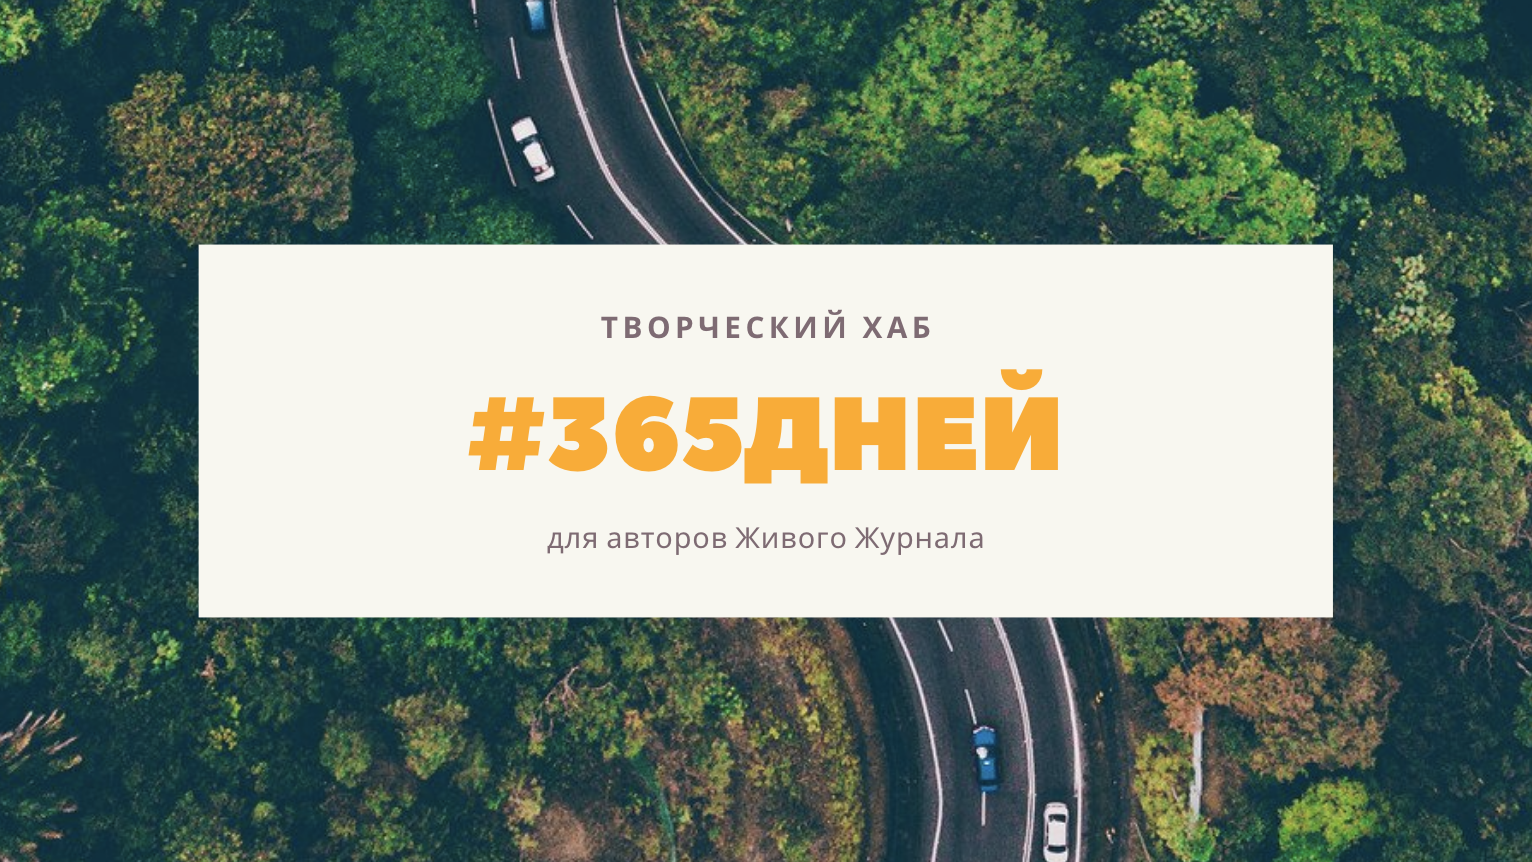 #365дней — творческий хаб для авторов Живого Журнала